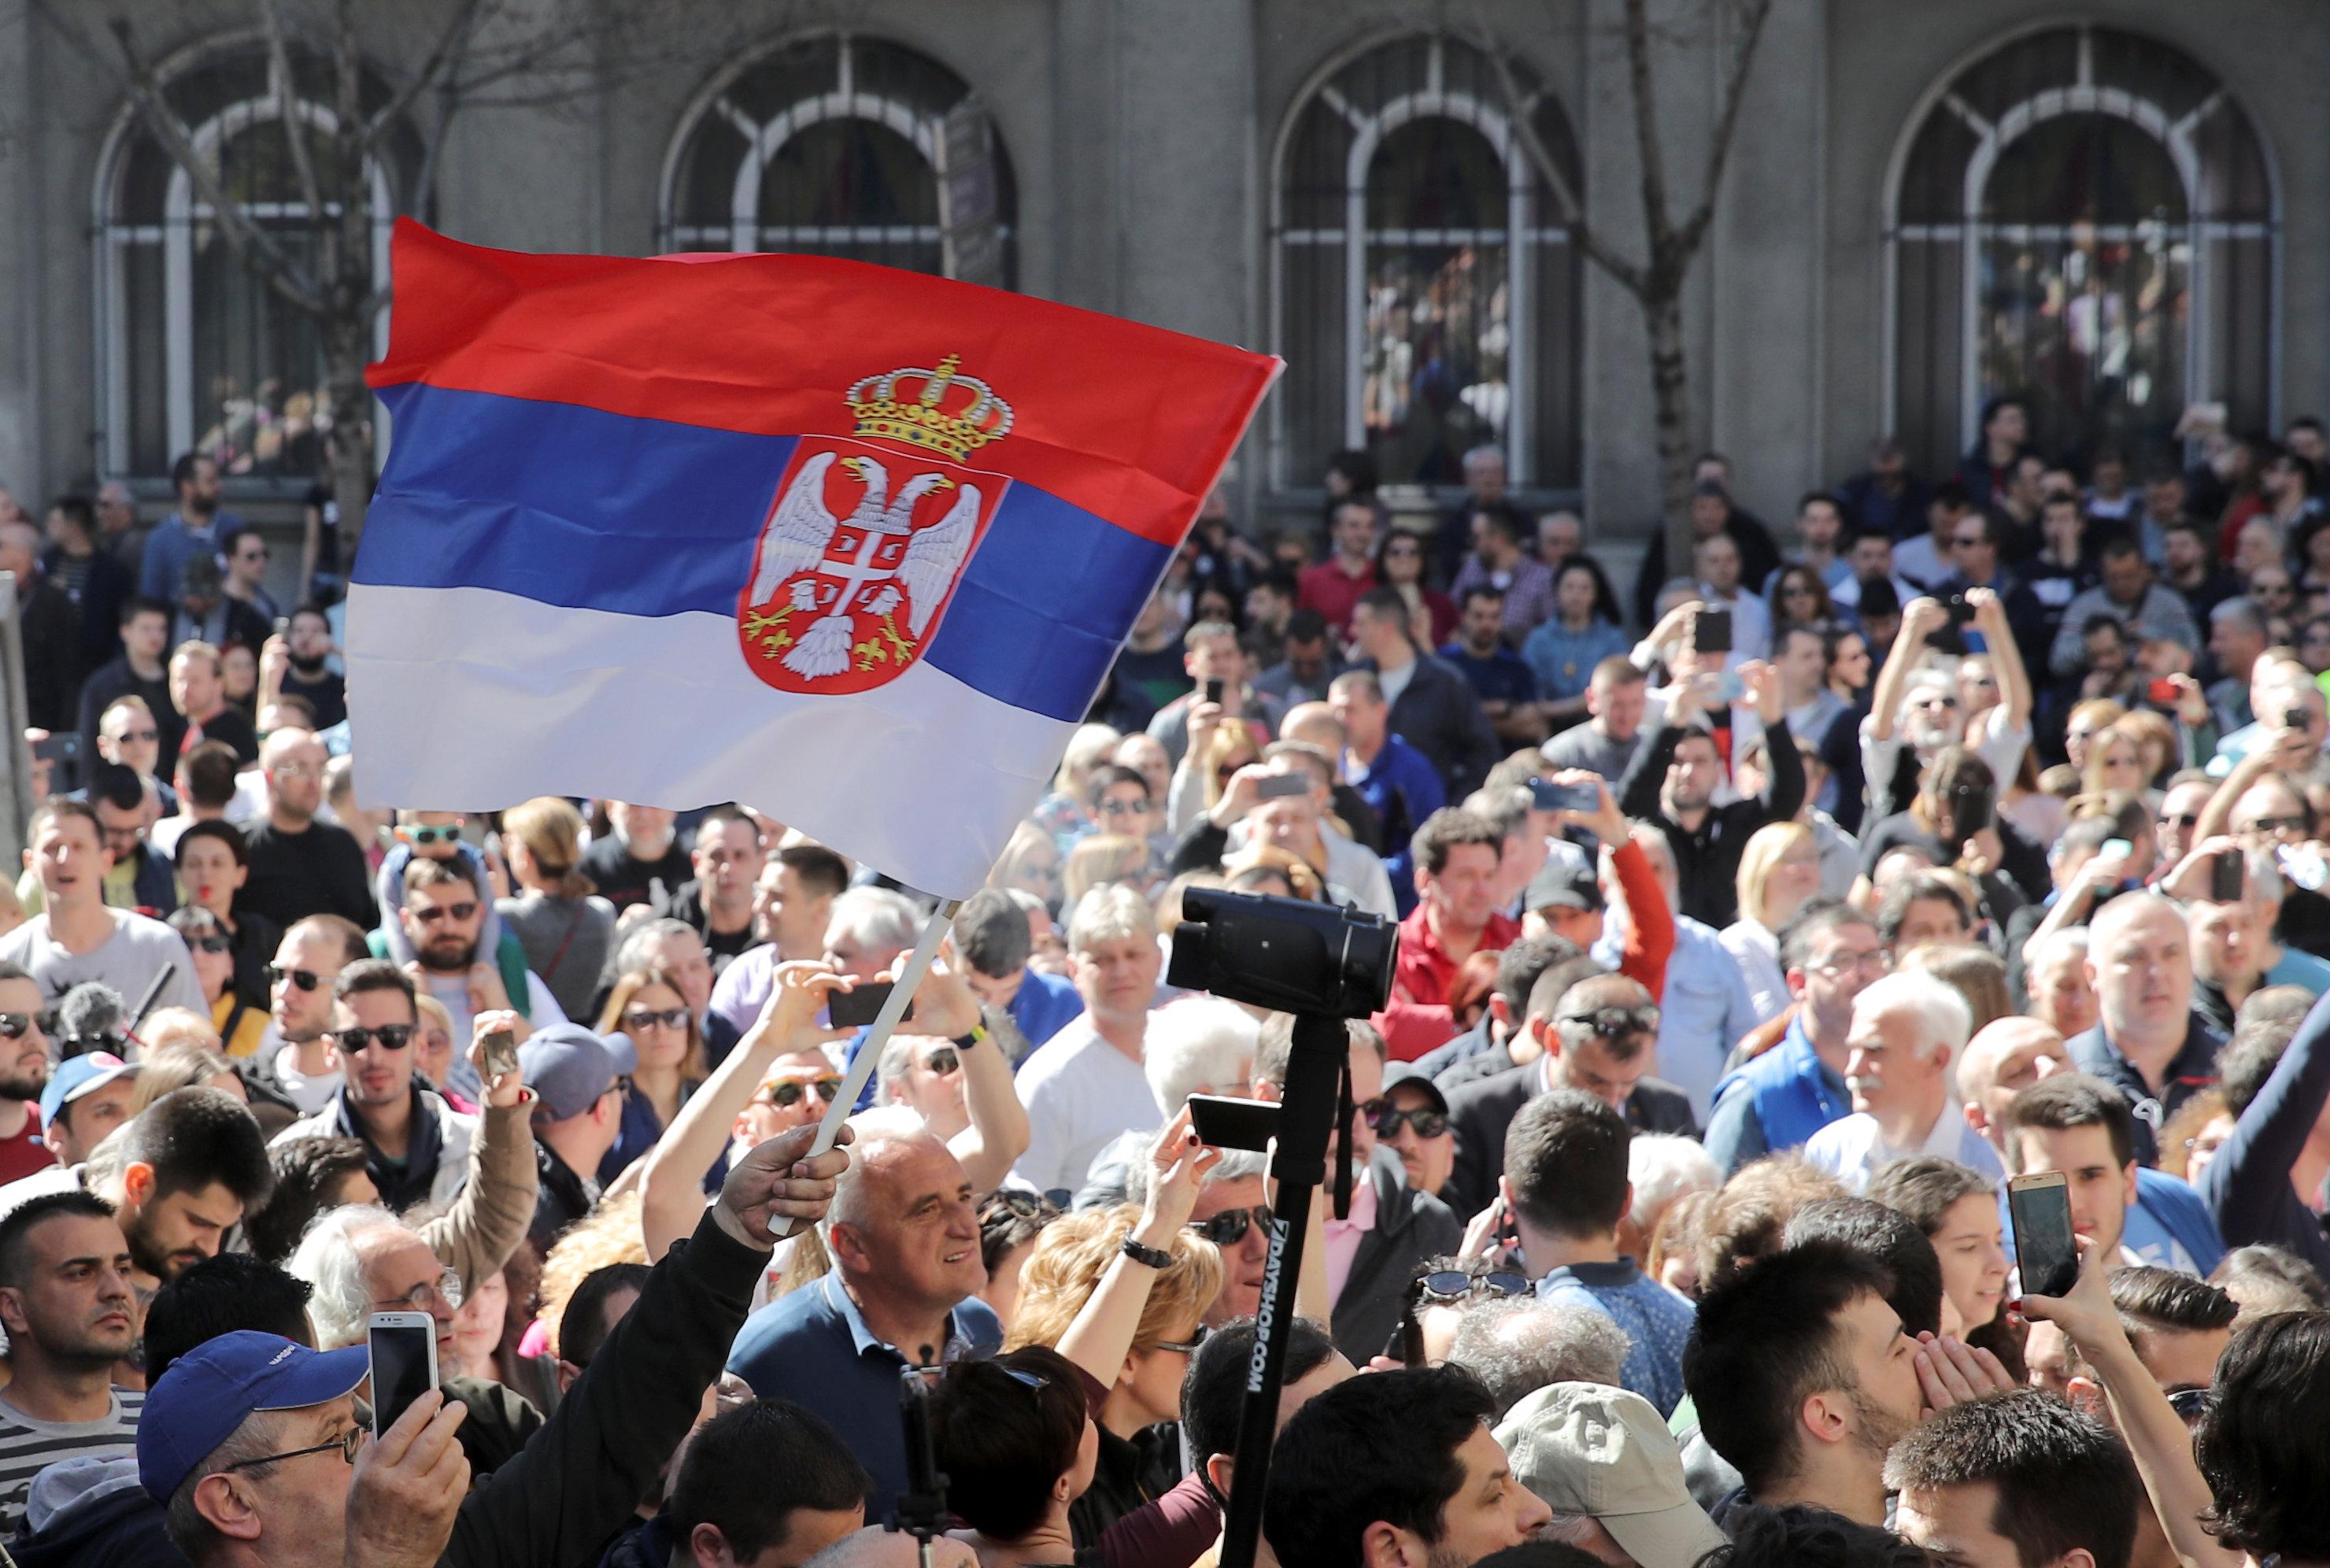 Χιλιάδες διαδηλωτές κρατούν «όμηρο» τον Σέρβο πρόεδρο Αλεξάνταρ Βούτσιτς στο προεδρικό μέγαρο